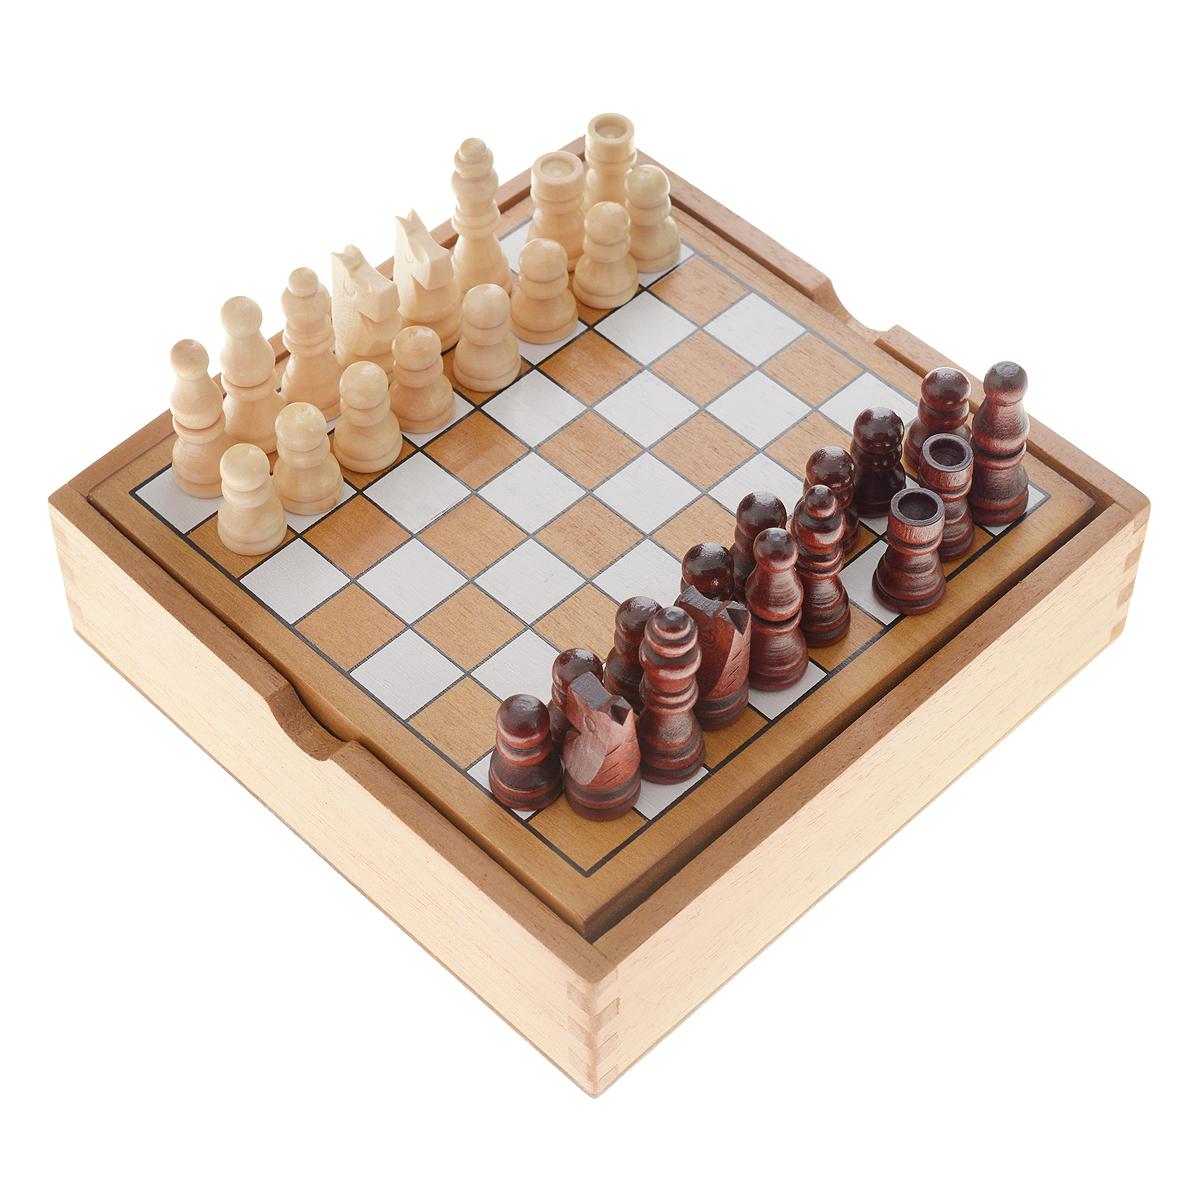 Настольная игра Tactic Games Chess14024NНастольная игра Chess (Шахматы) от компании Tactic Games будет прекрасным подарком для любителей шахмат. Игра предназначена для разновозрастной аудитории. В нее могут играть как взрослые, так и любящие интеллектуальные игры дети. Правила игры такие же, как и при игре в классические шахматы. Настольная игра Chess (Шахматы) несомненно понравится тем, кто любит брать любимые игры с собой. Компактный короб из дерева, который одновременно является и игровой досокй, не займет много места в багаже. Возраст игроков: от 7 лет и старше. Количество участников: 2 человека. В комплекте: 32 шахматные фигуры, игровое поле, правила игры.